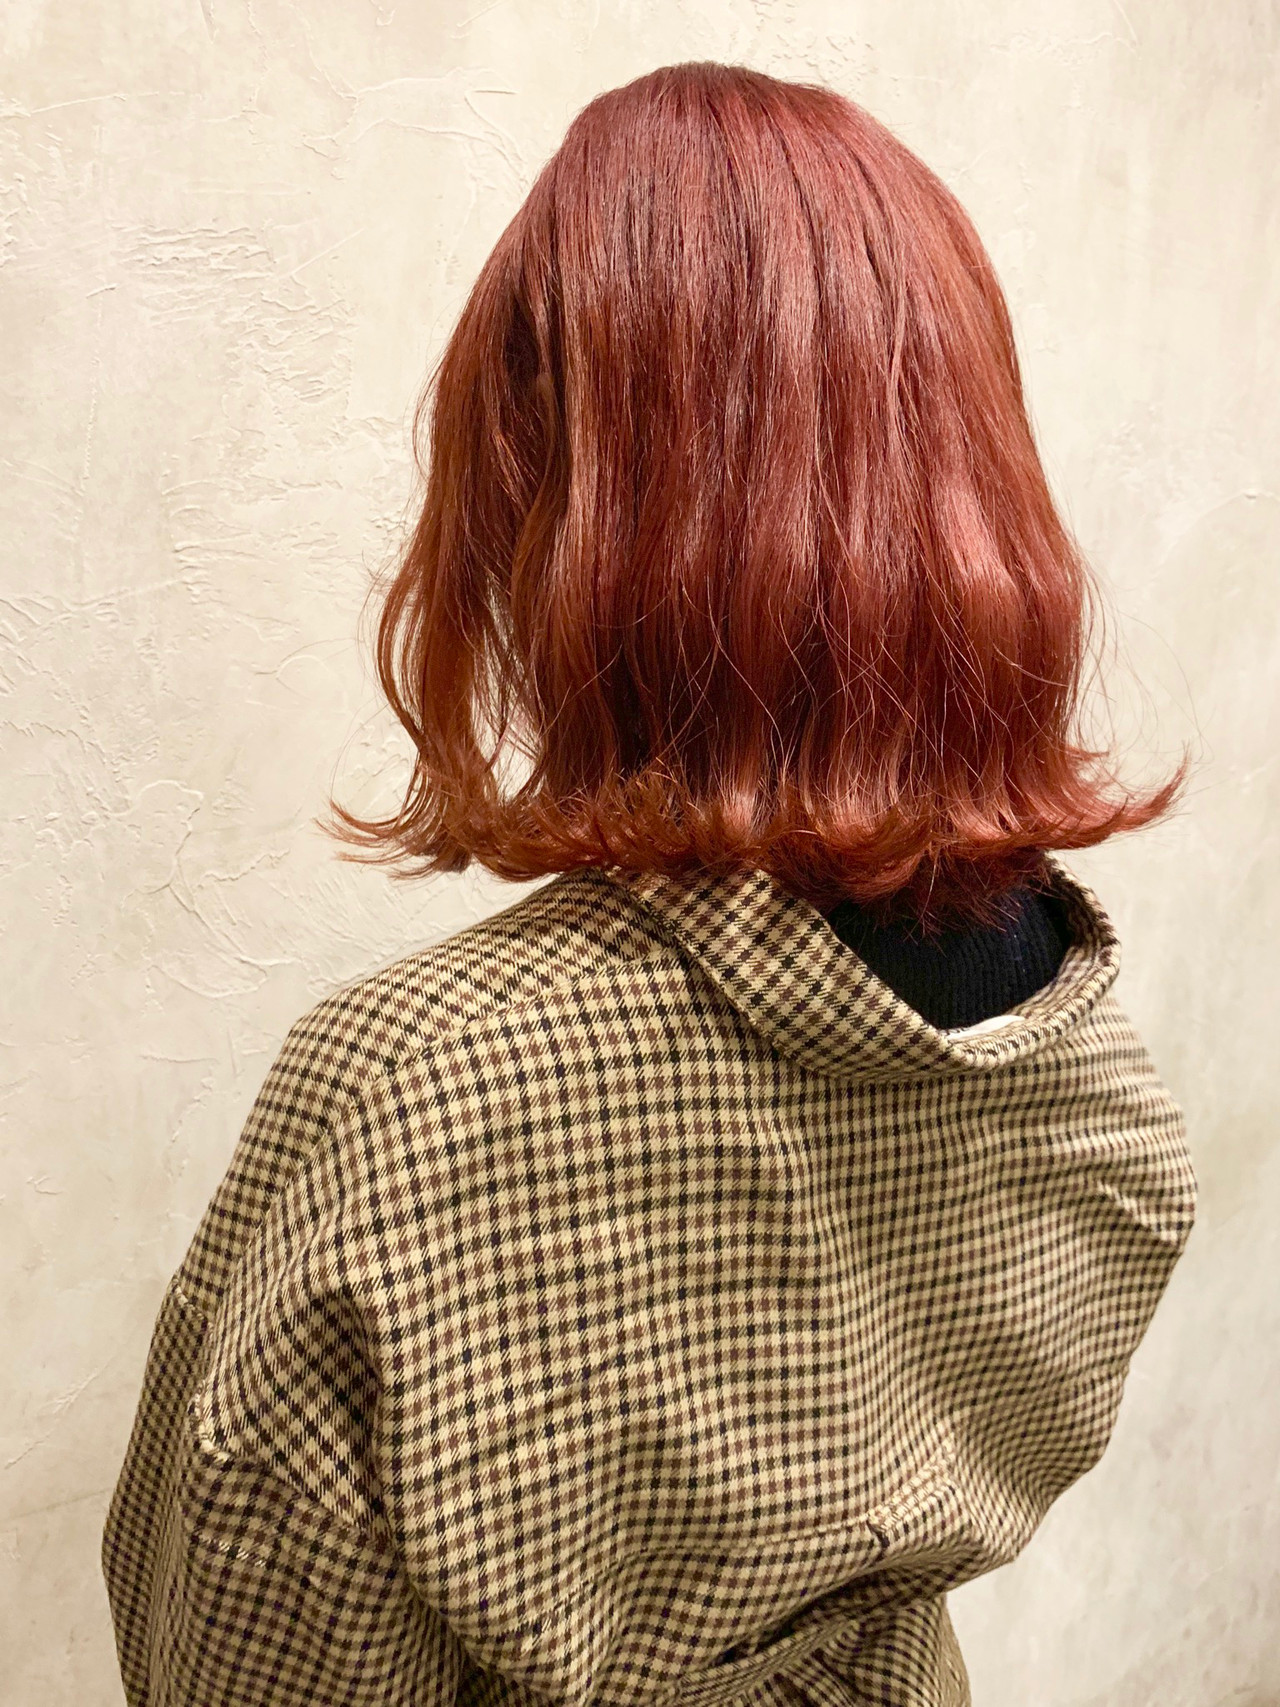 ブリーチ ストリート ミディアム レッド ヘアスタイルや髪型の写真・画像 | 矢野哲也 / FLOWERS 表参道